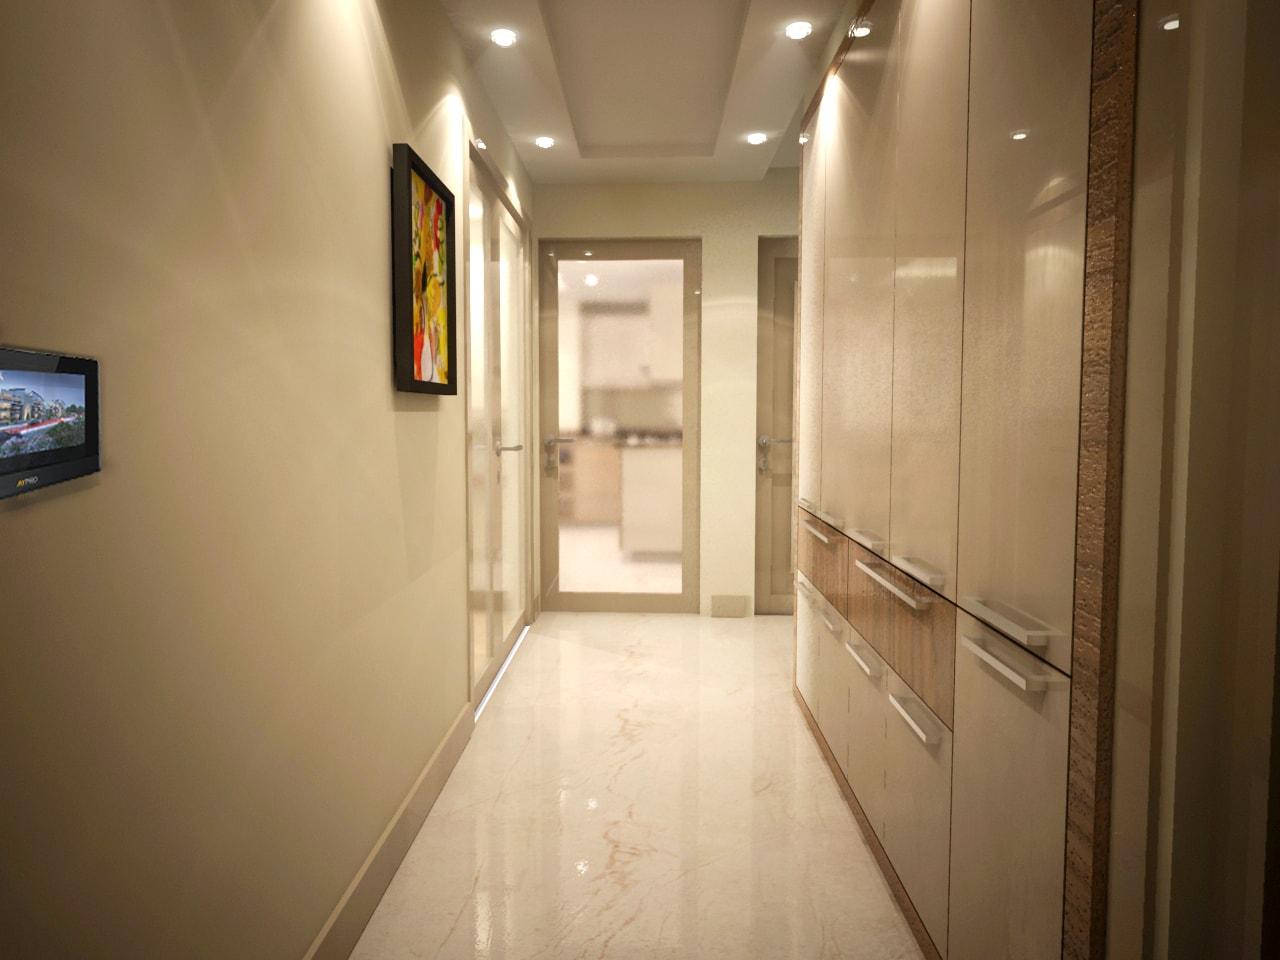 Продаются квартиры в жилом комплексе 3+1 - Фото 15